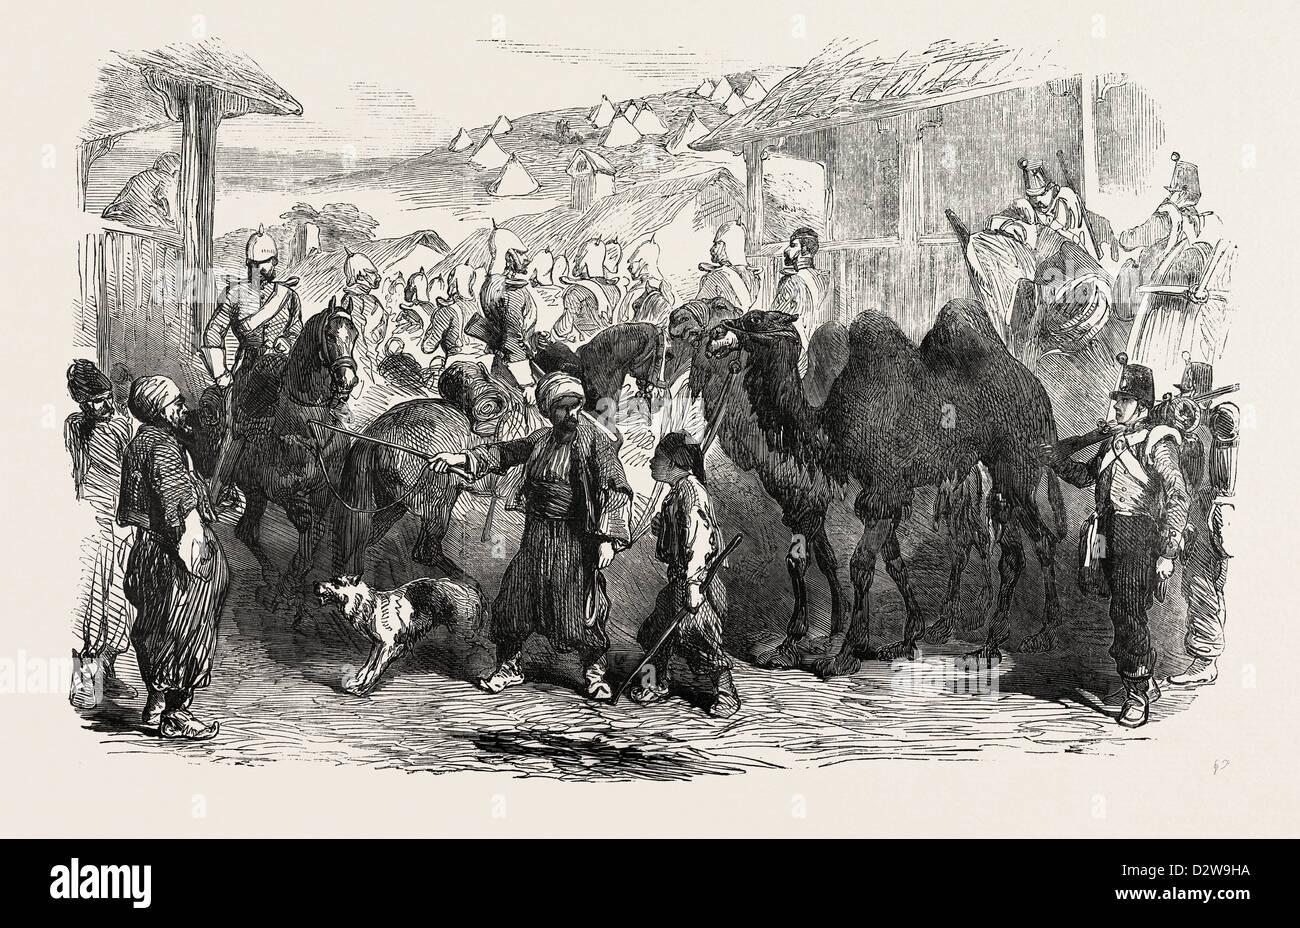 THE CRIMEAN WAR: STREET IN BALACLAVA 1854 - Stock Image